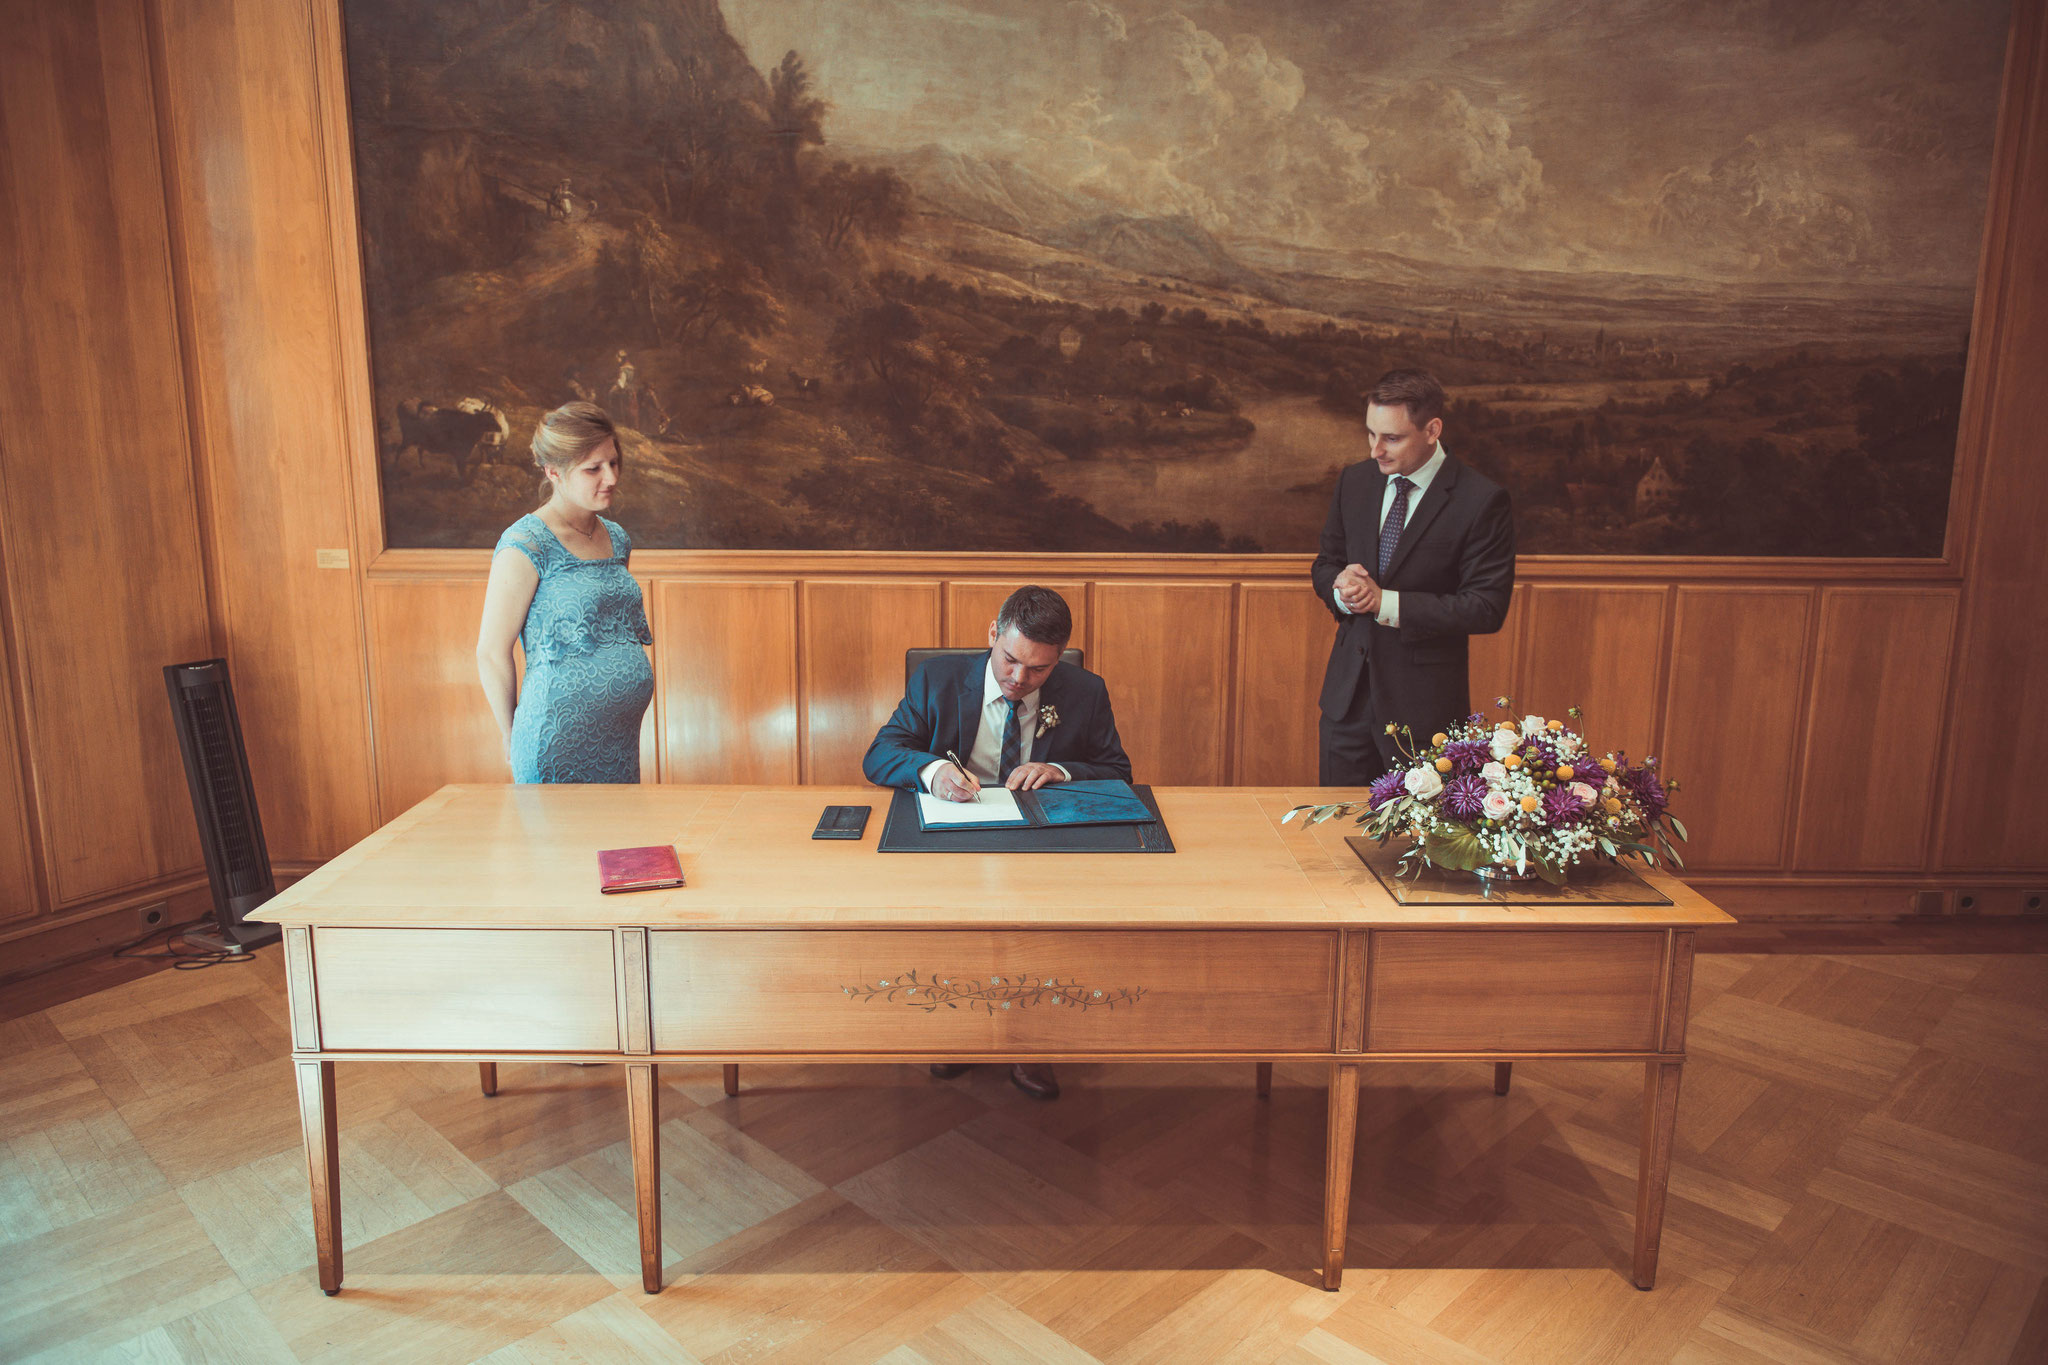 Bräutigam setzt seine Unterschrift auf das wichtigste Dokument